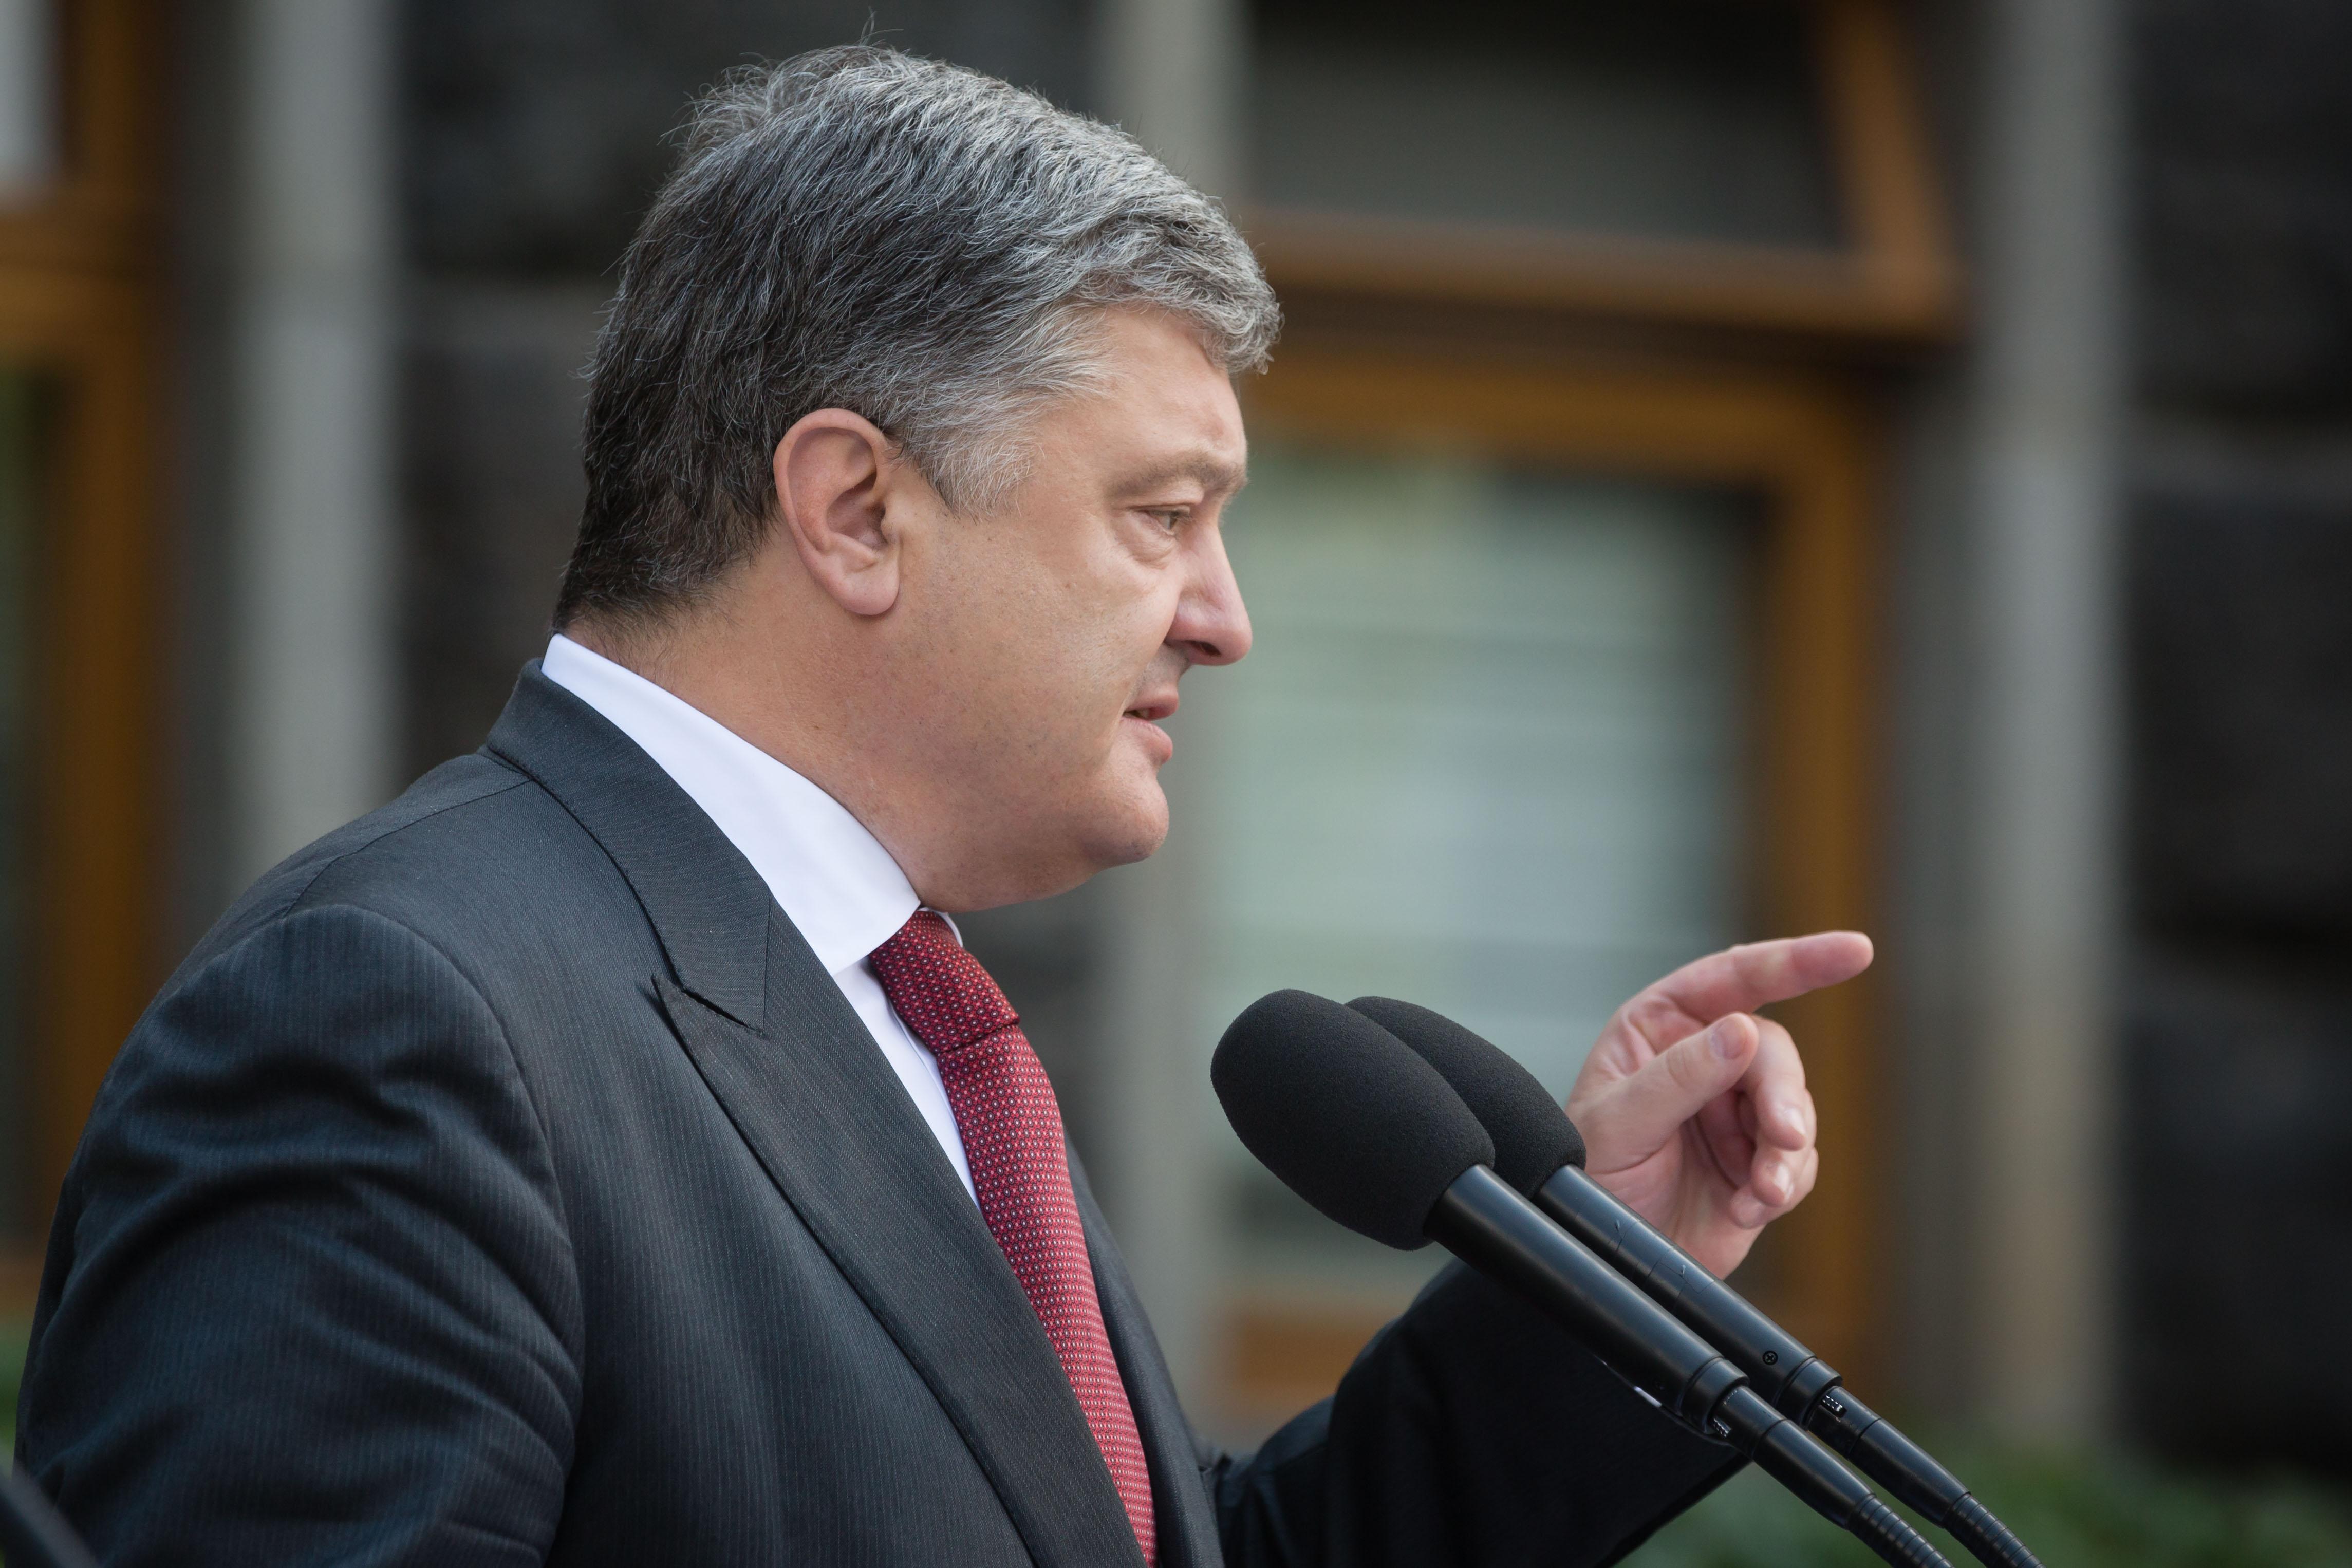 """Мощный месседж """"прочь от Москвы"""" может в этих условиях стать базисным в предвыборной кампании Порошенко"""